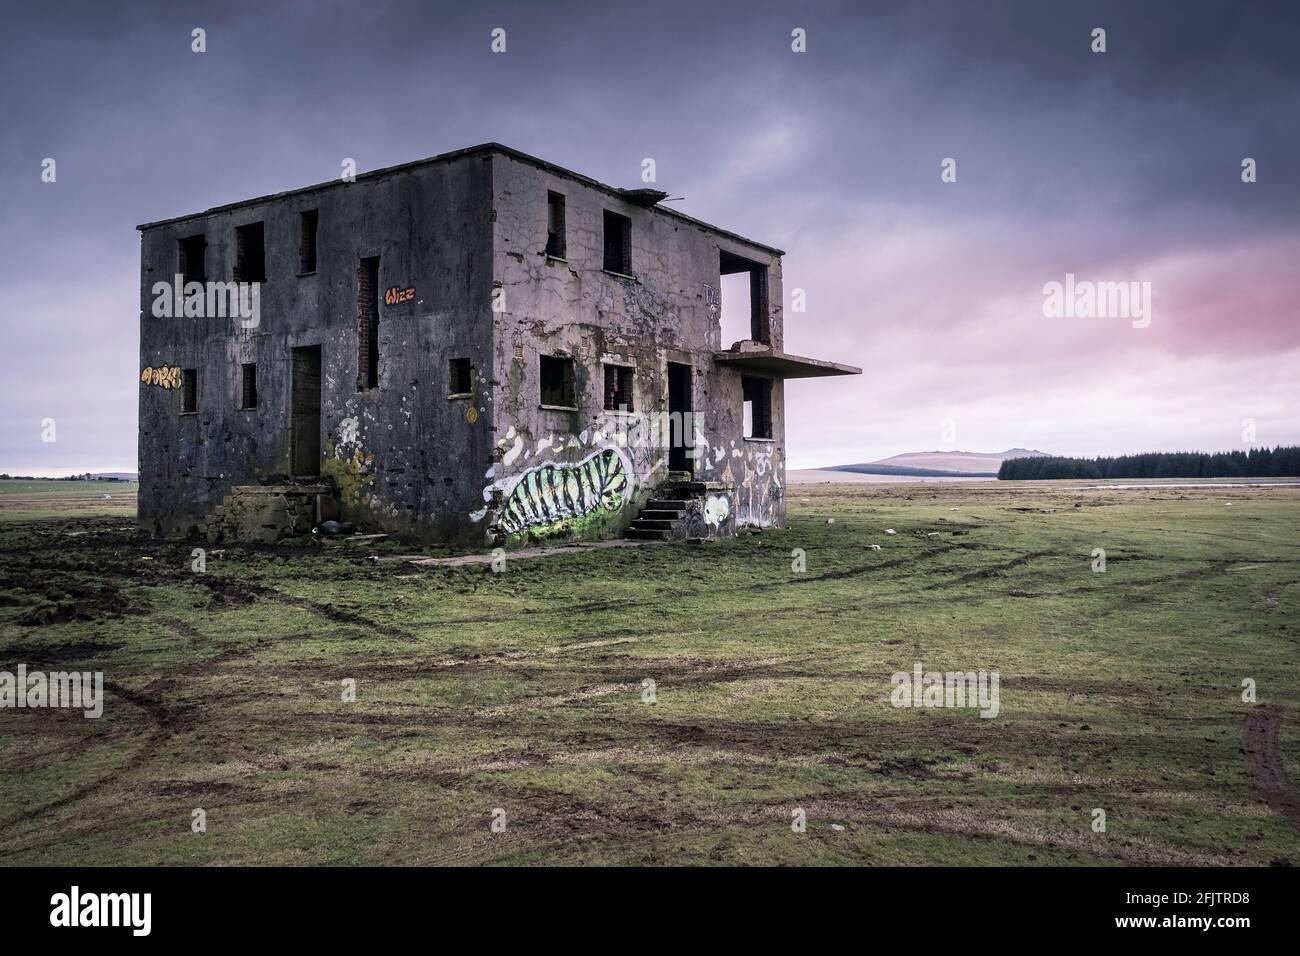 La tour de contrôle abandonnée sur l'aérodrome de Davidstow de la WW2 du Bodmin Moor à Cornwall. Banque D'Images